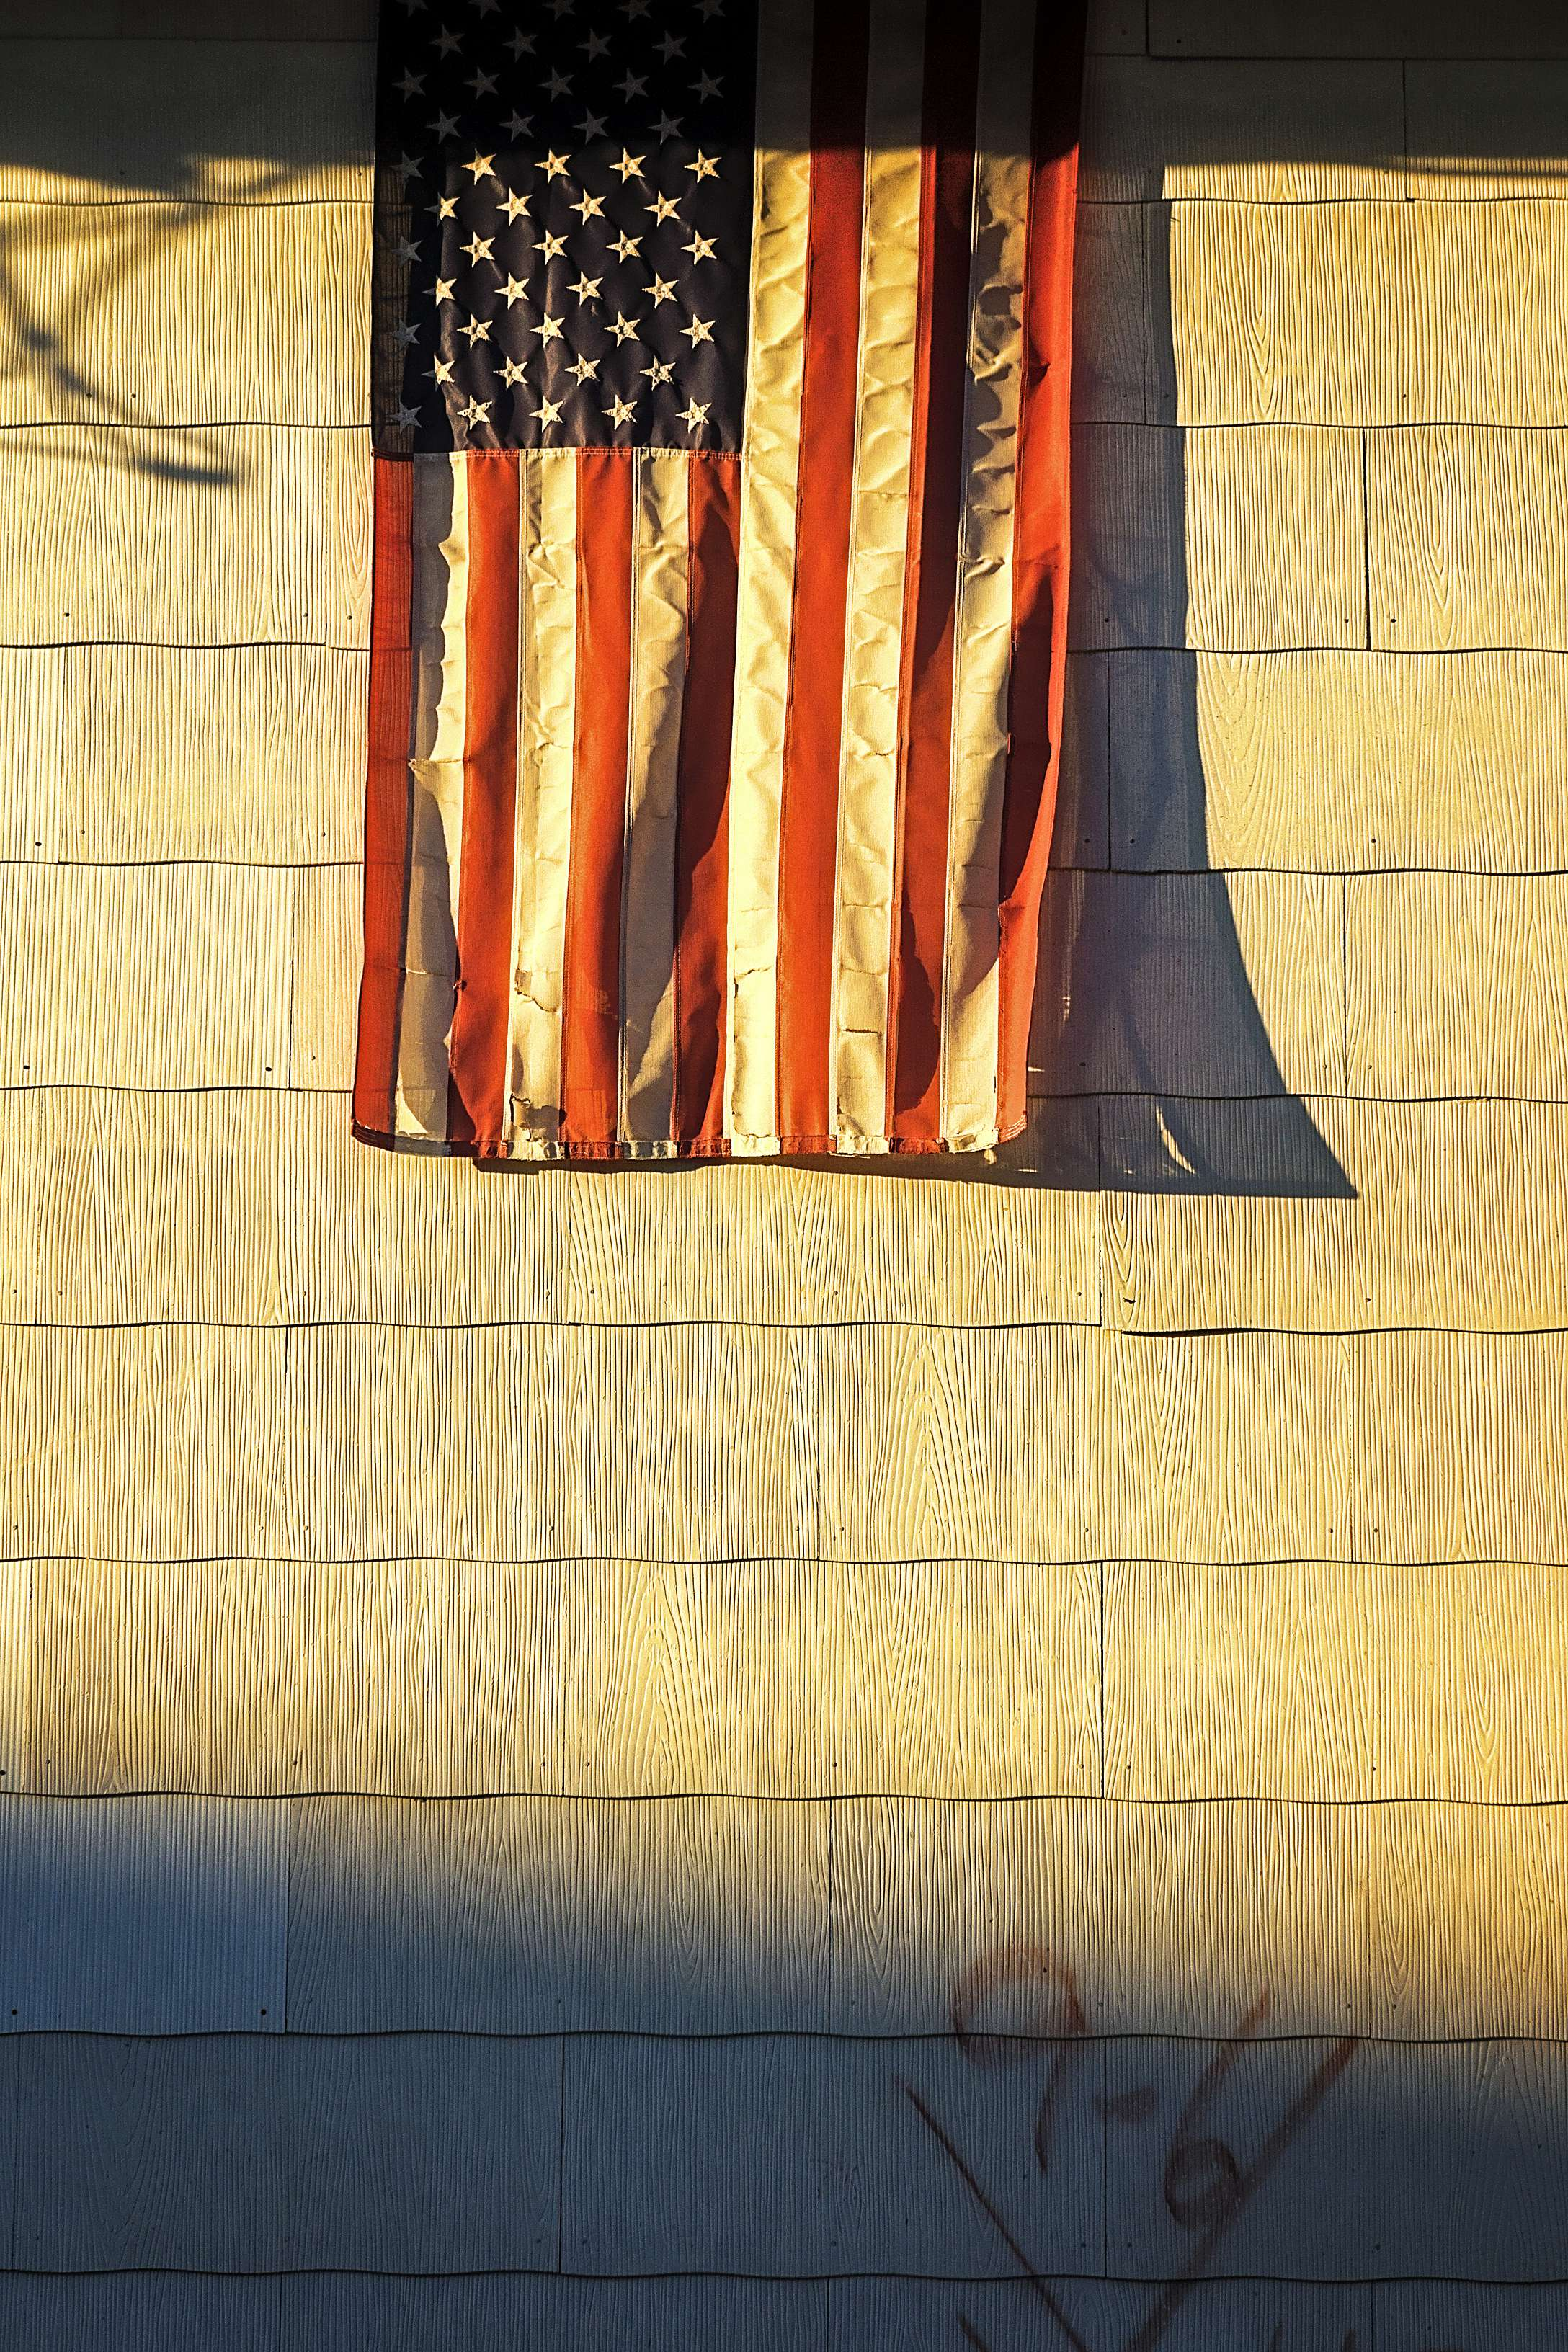 American flag and Katrina Cross.